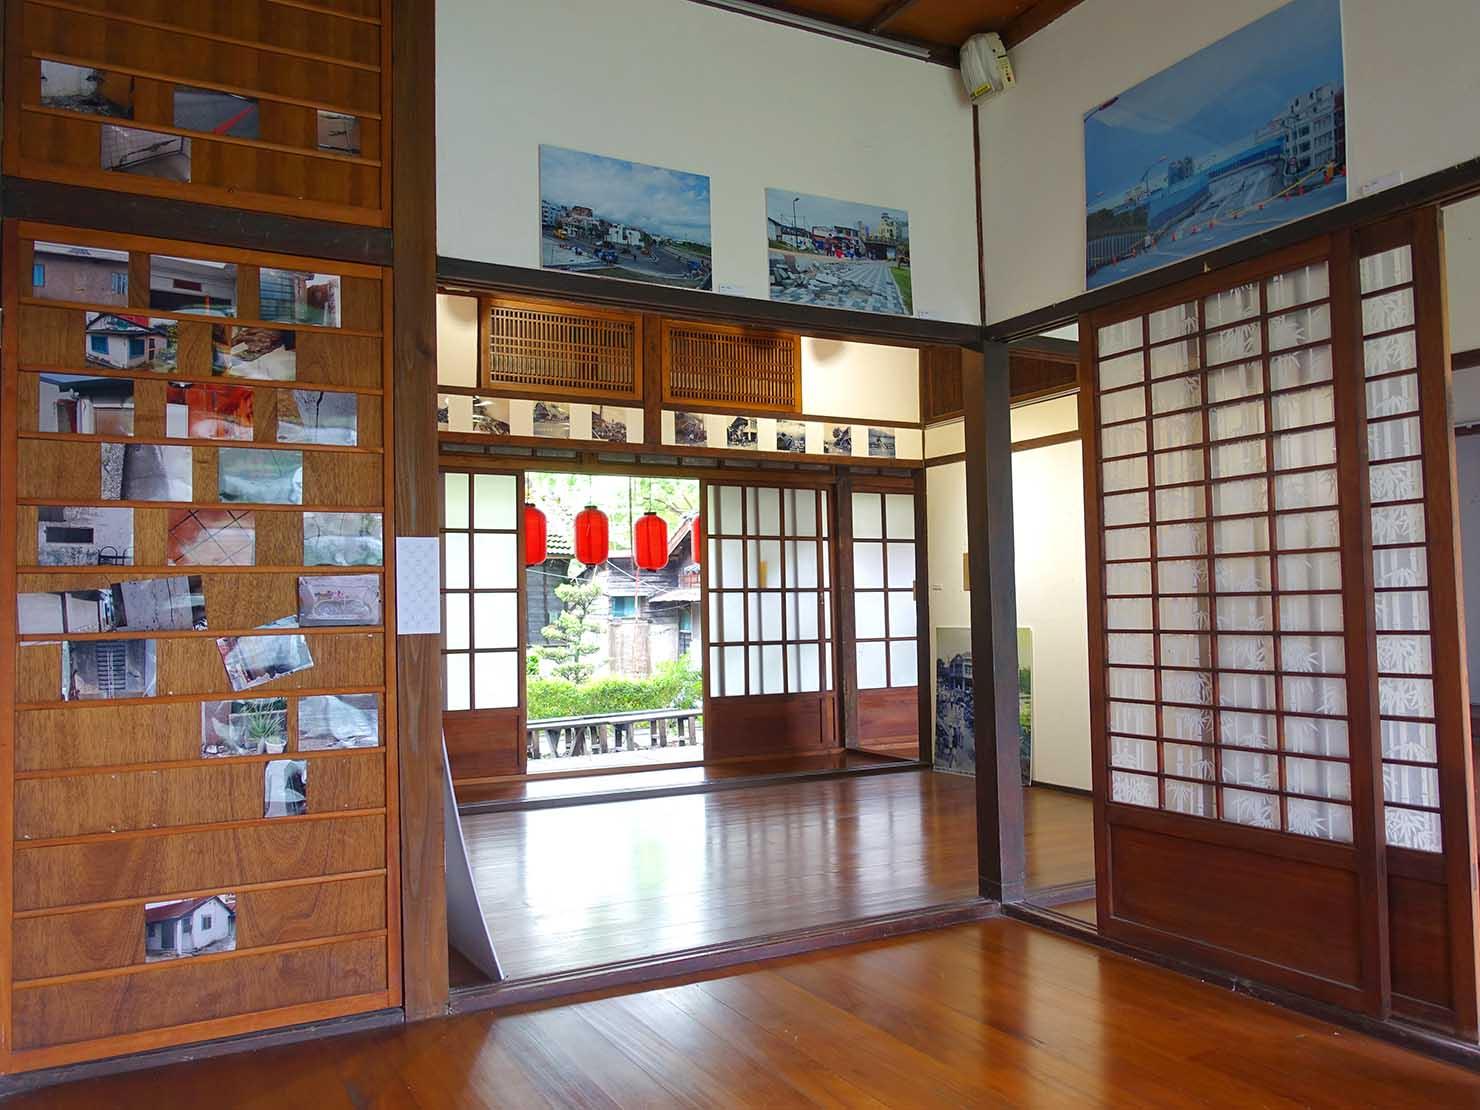 台湾・花蓮のおすすめ観光スポット「將軍府」の建物内